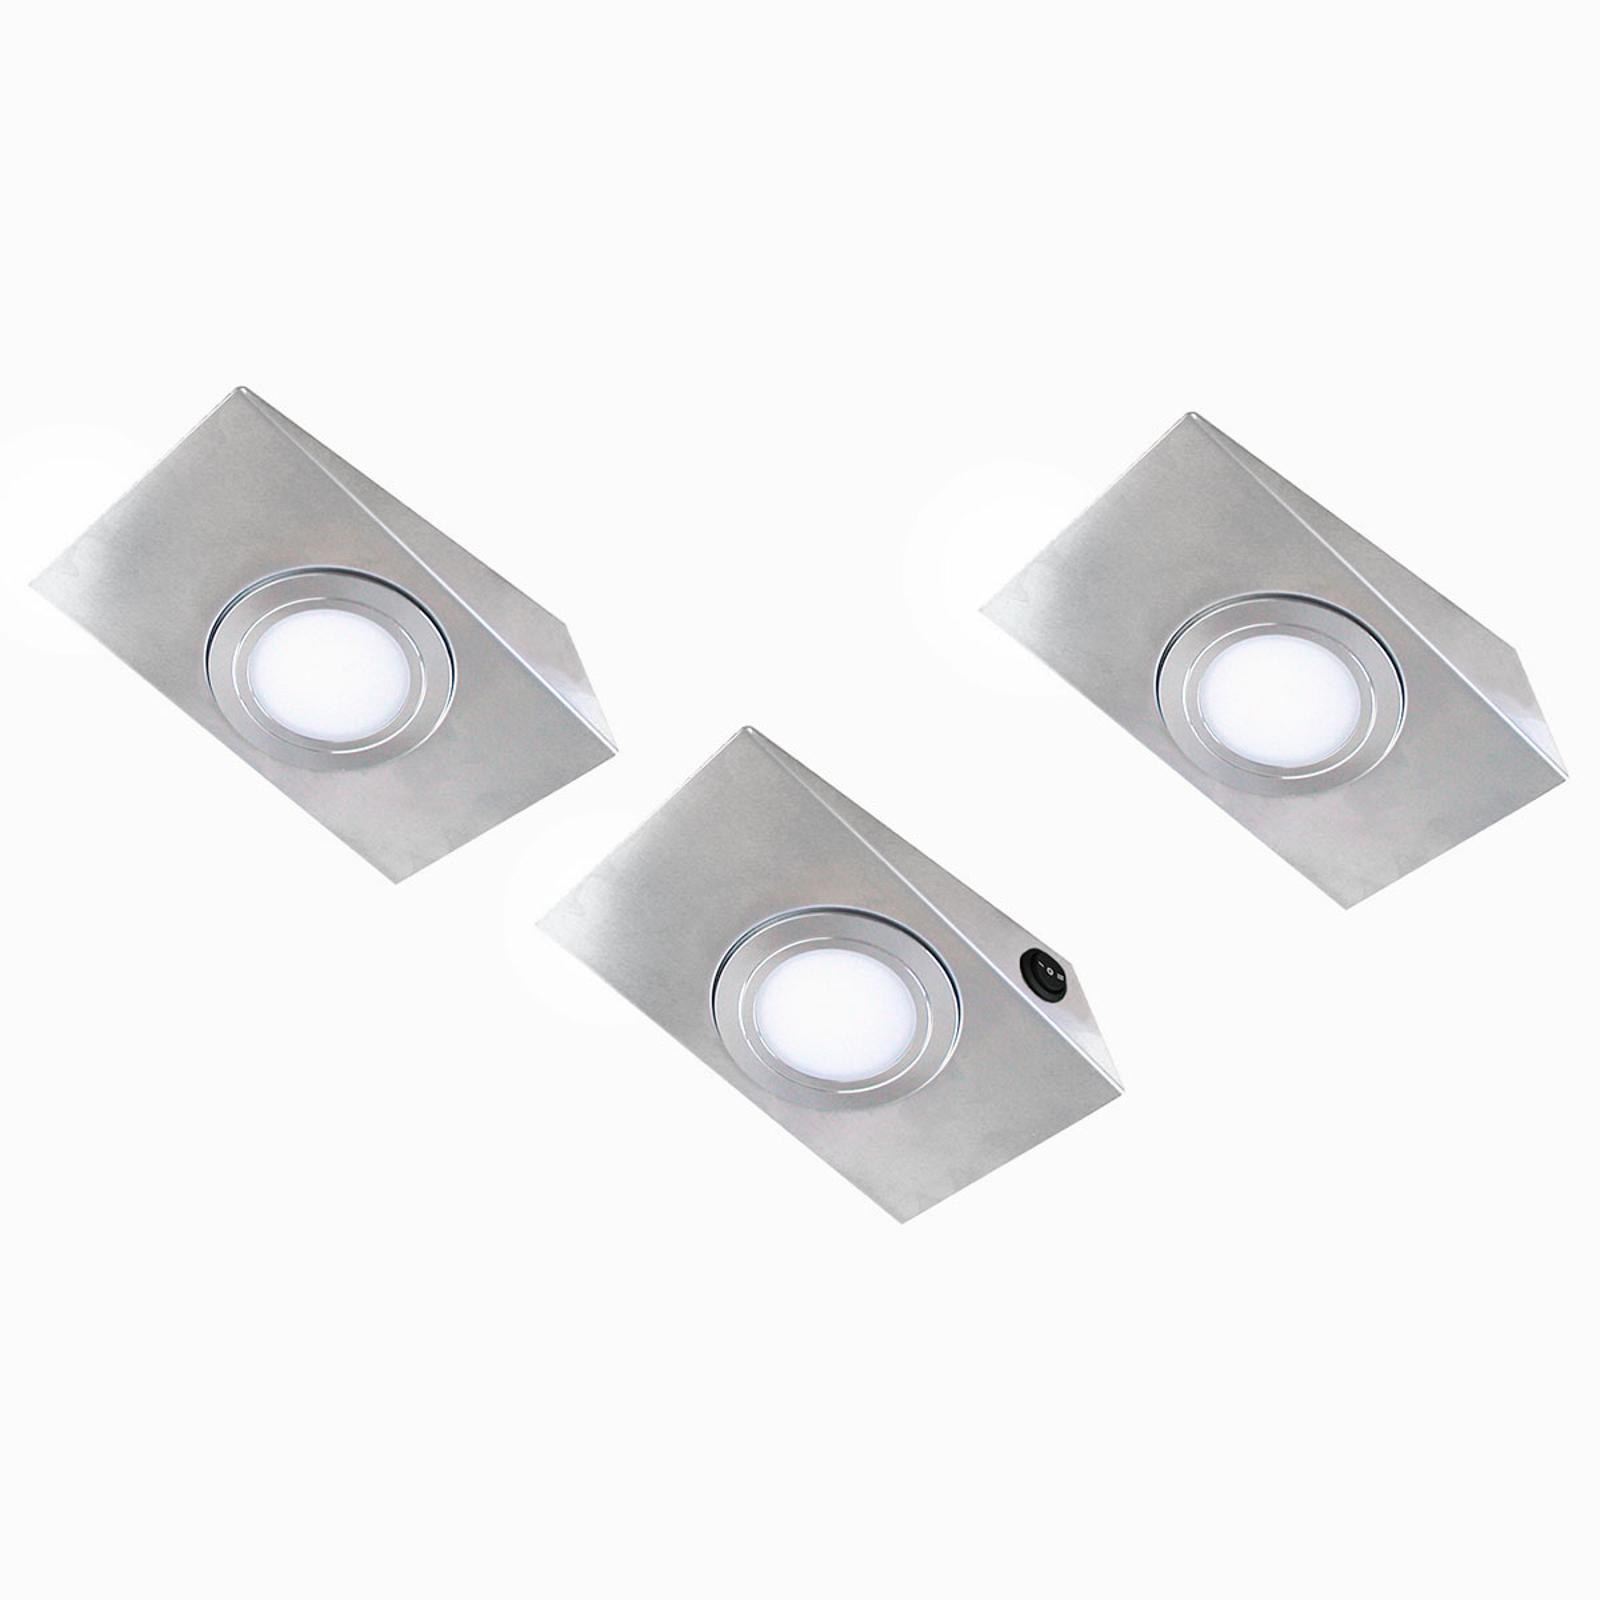 Acquista 3 lampade LED per mobili interruttore 2 fasi